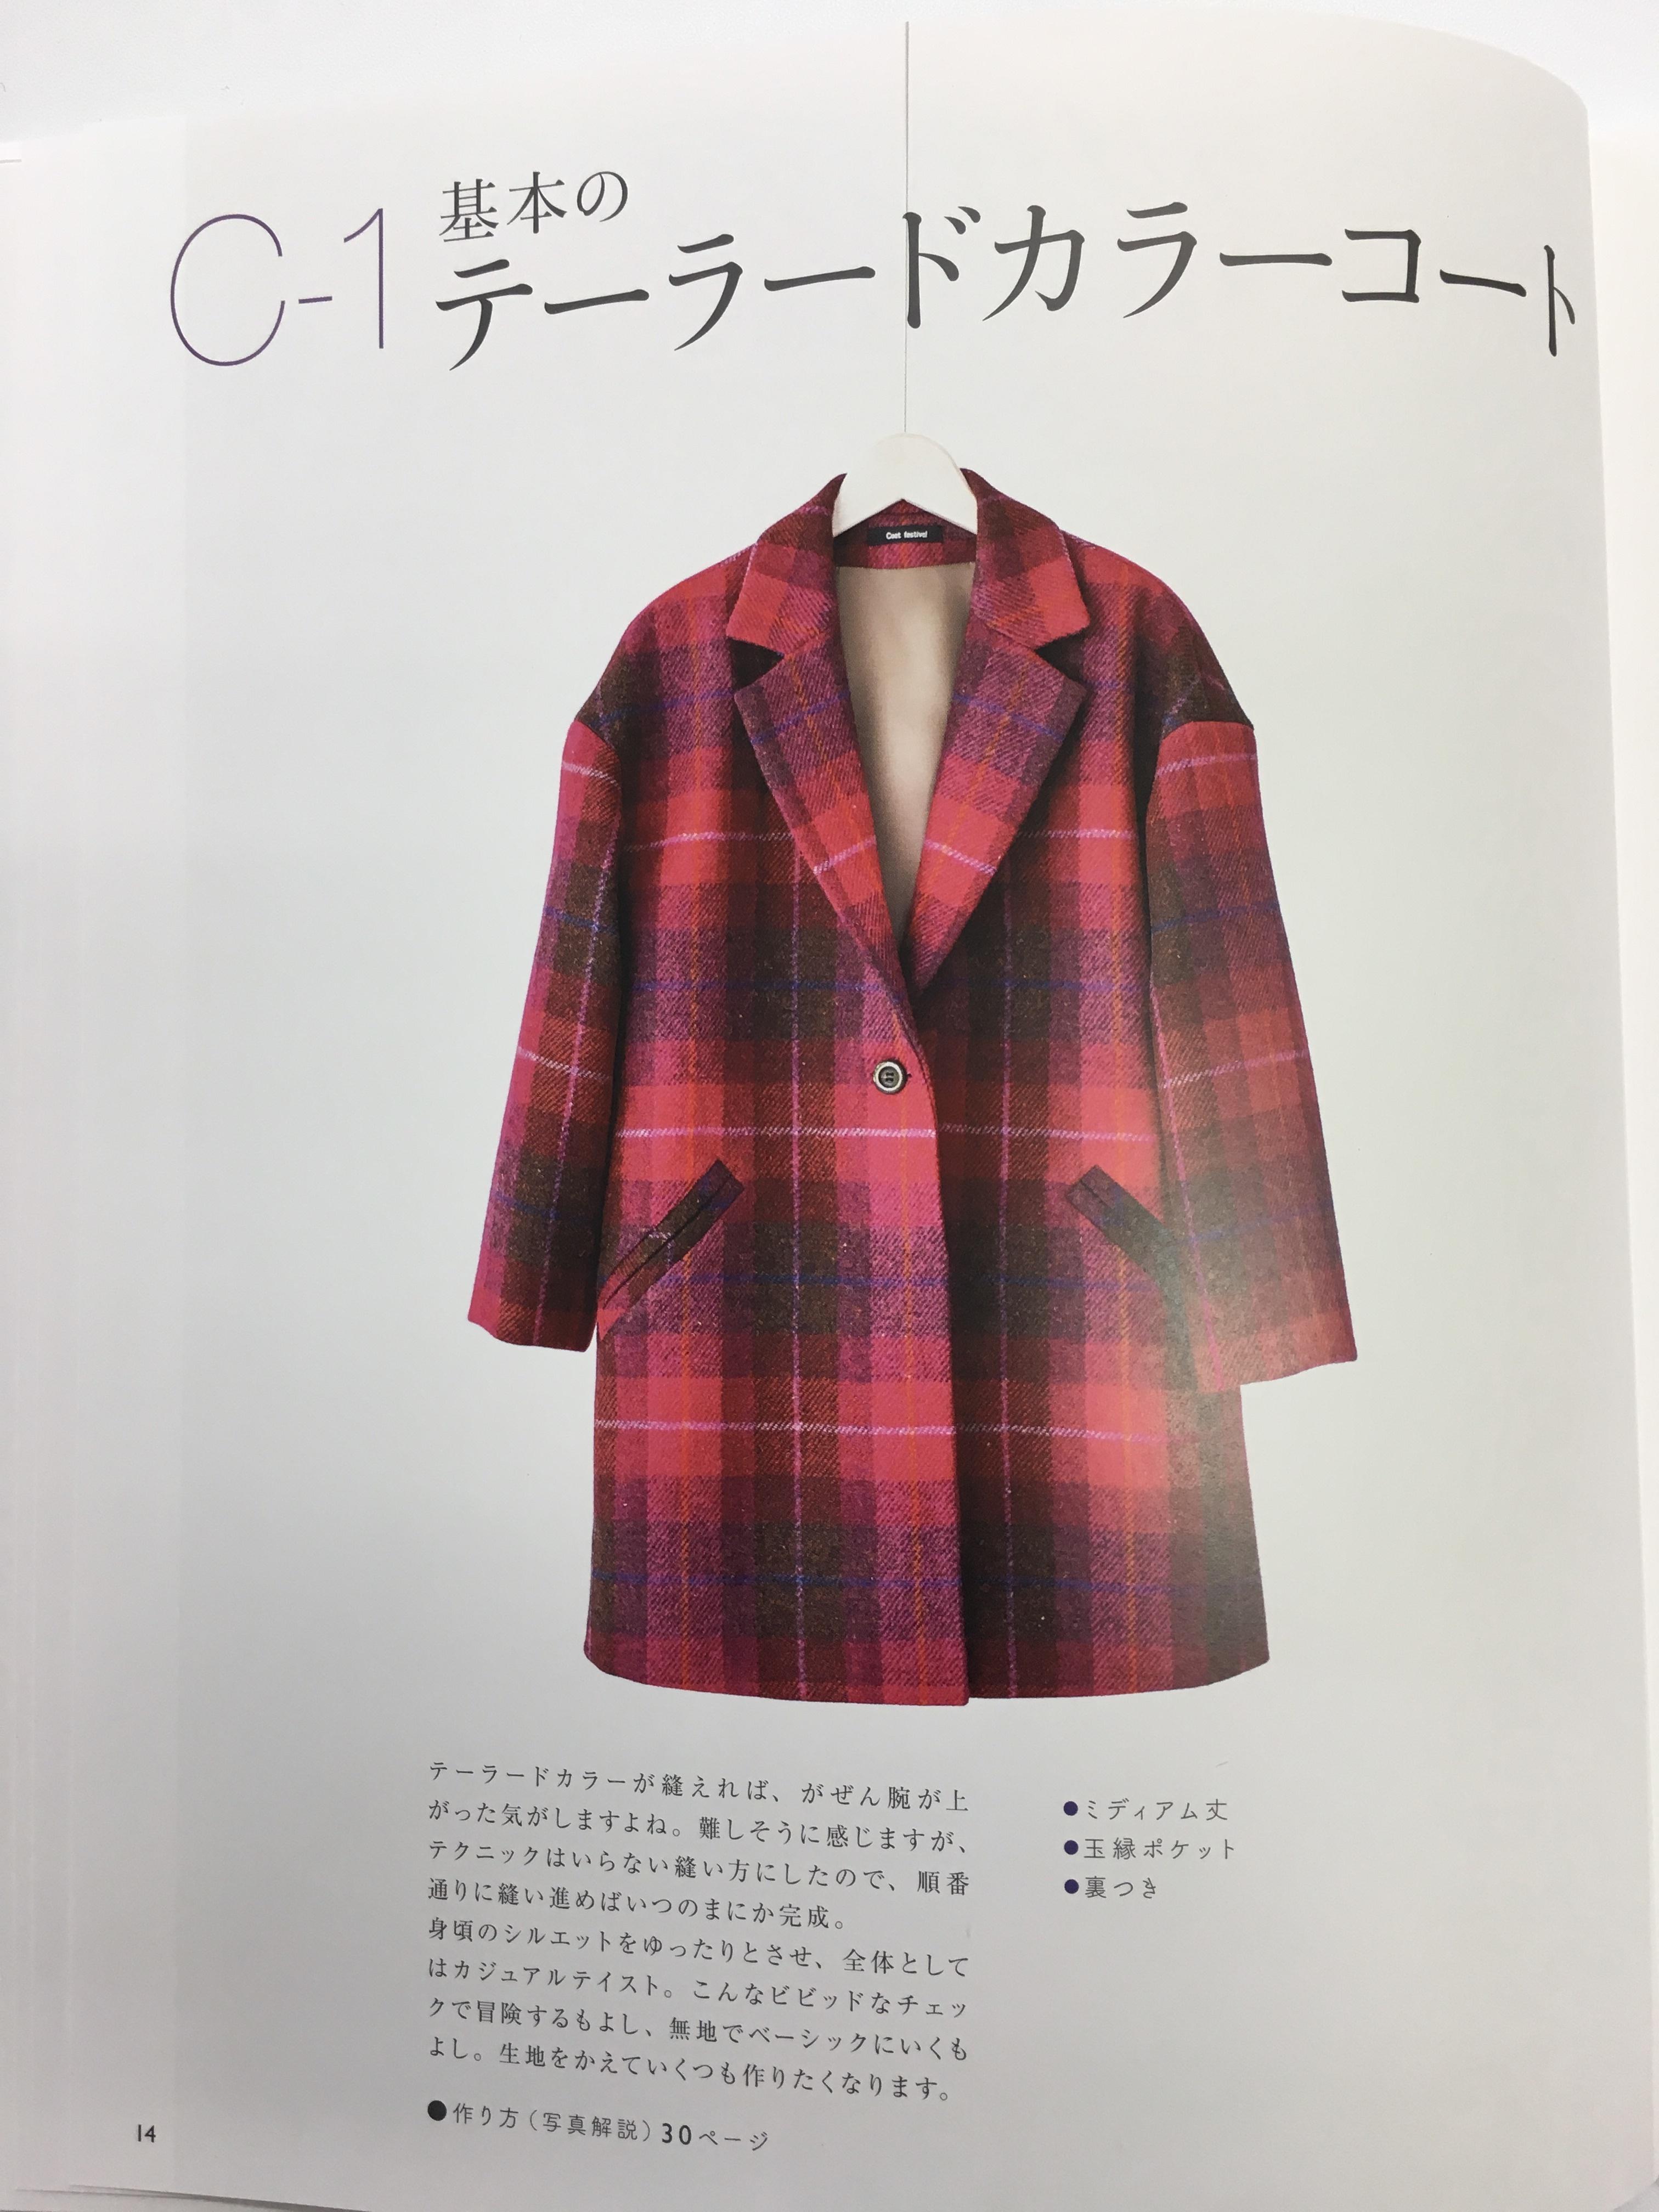 コートを縫おう。 C-1の型紙